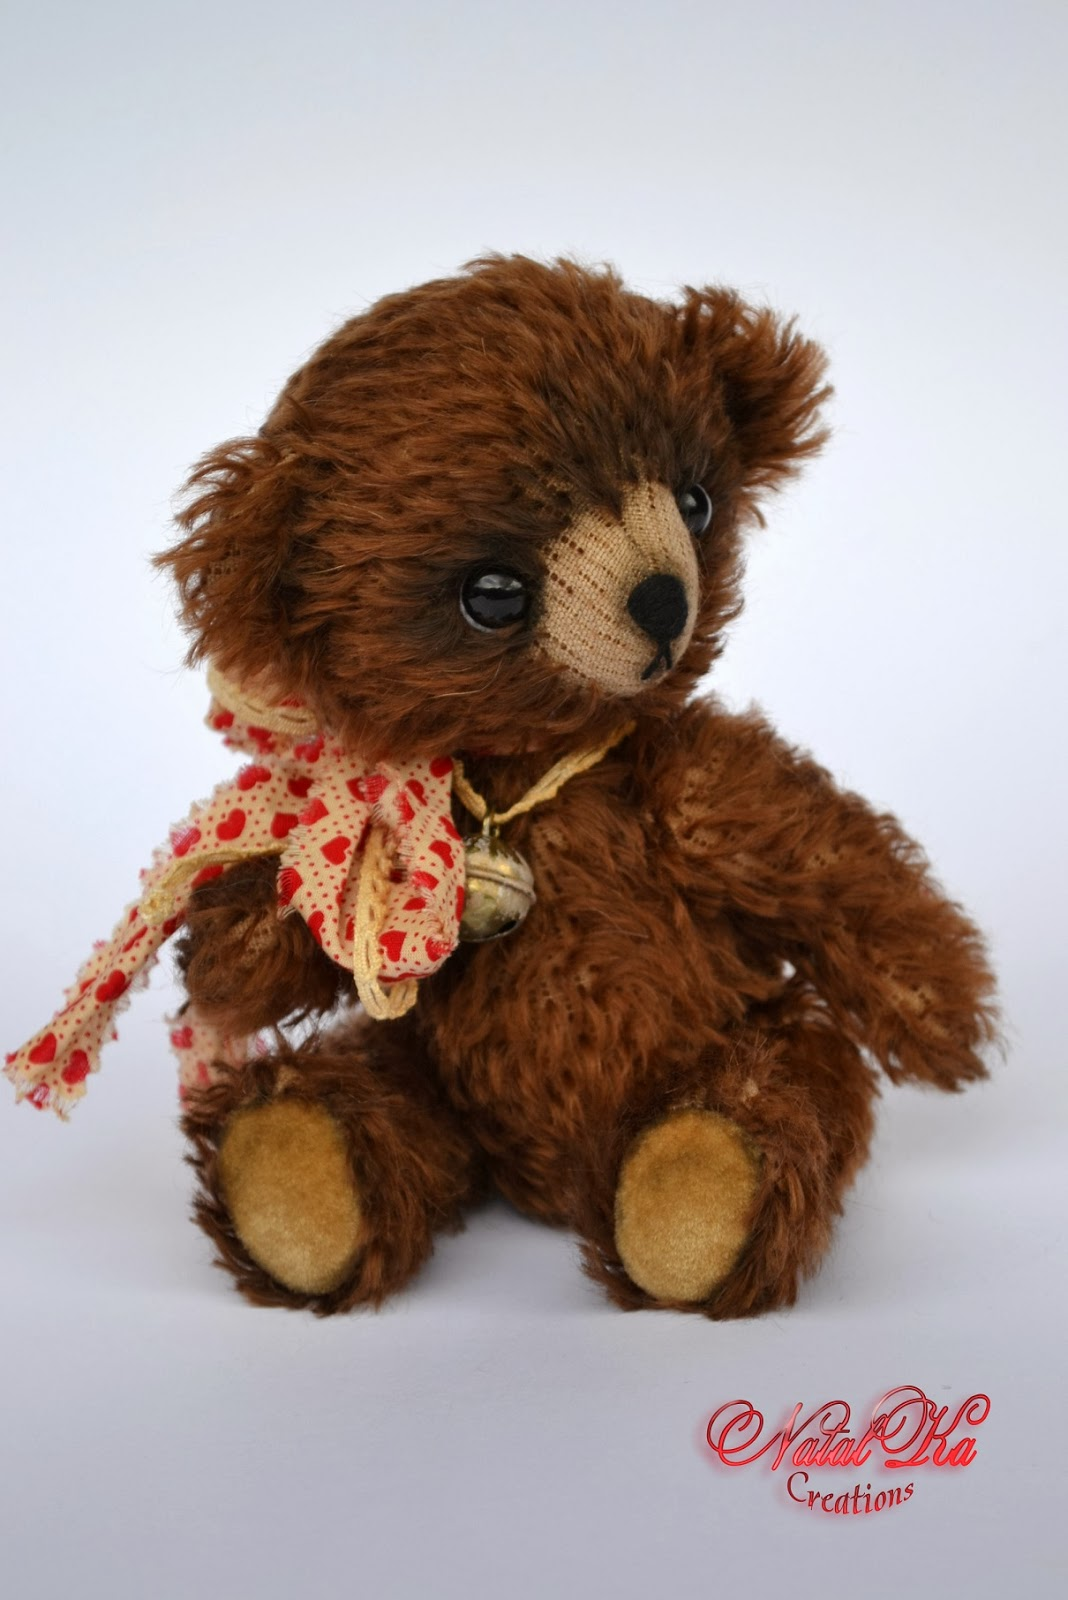 Künstler Teddybär handgemacht von NatalKa Creations